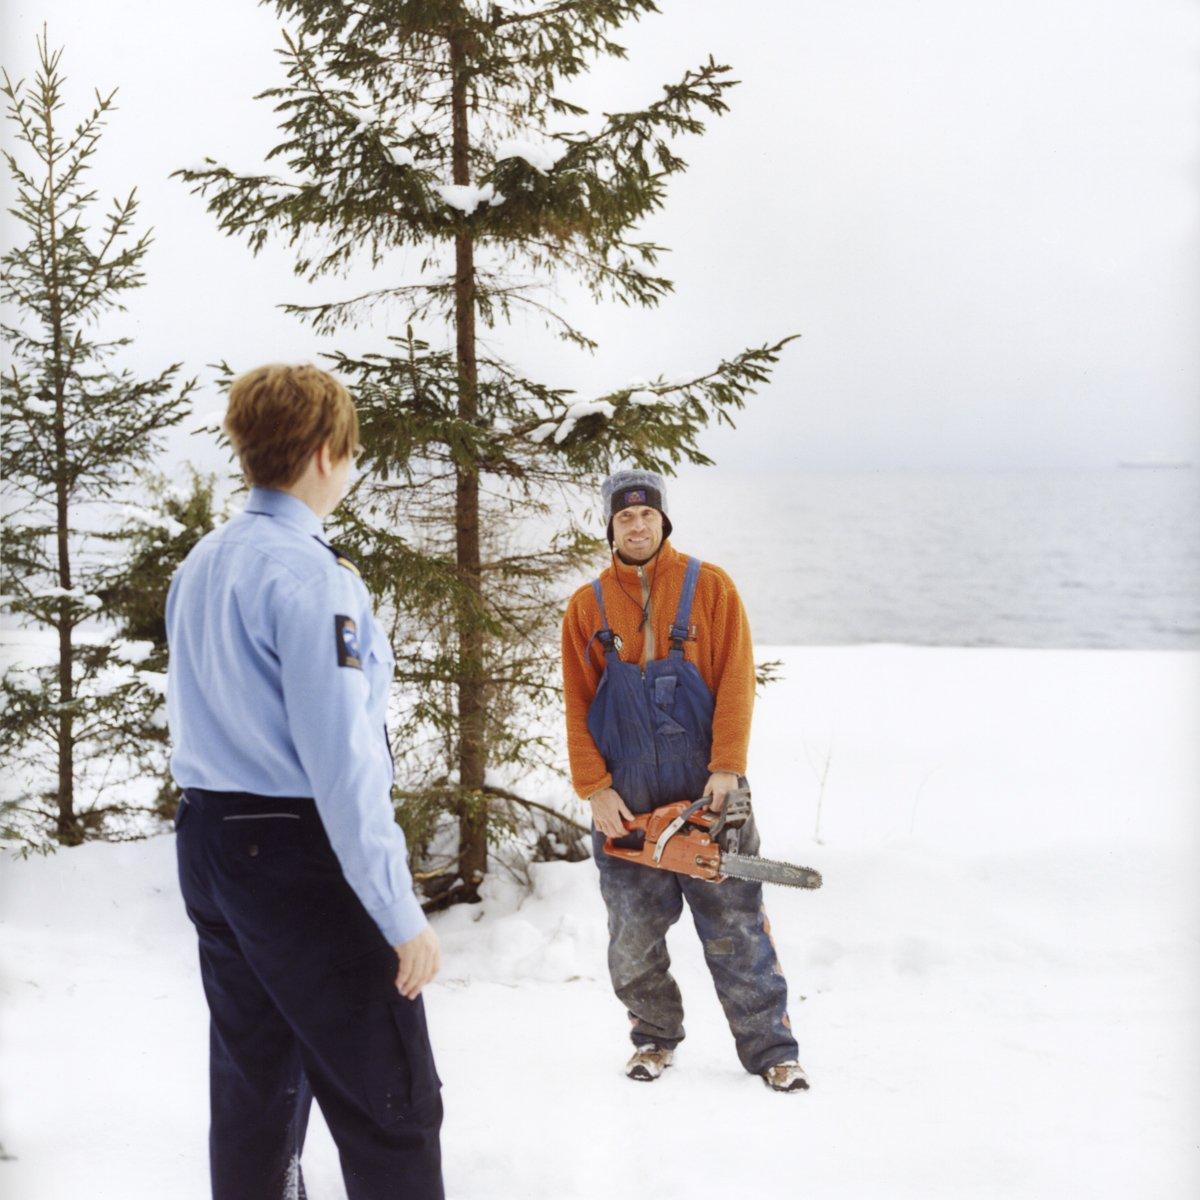 Prisão da Noruega para criminosos violentos parece mais uma colônia de fêrias 13